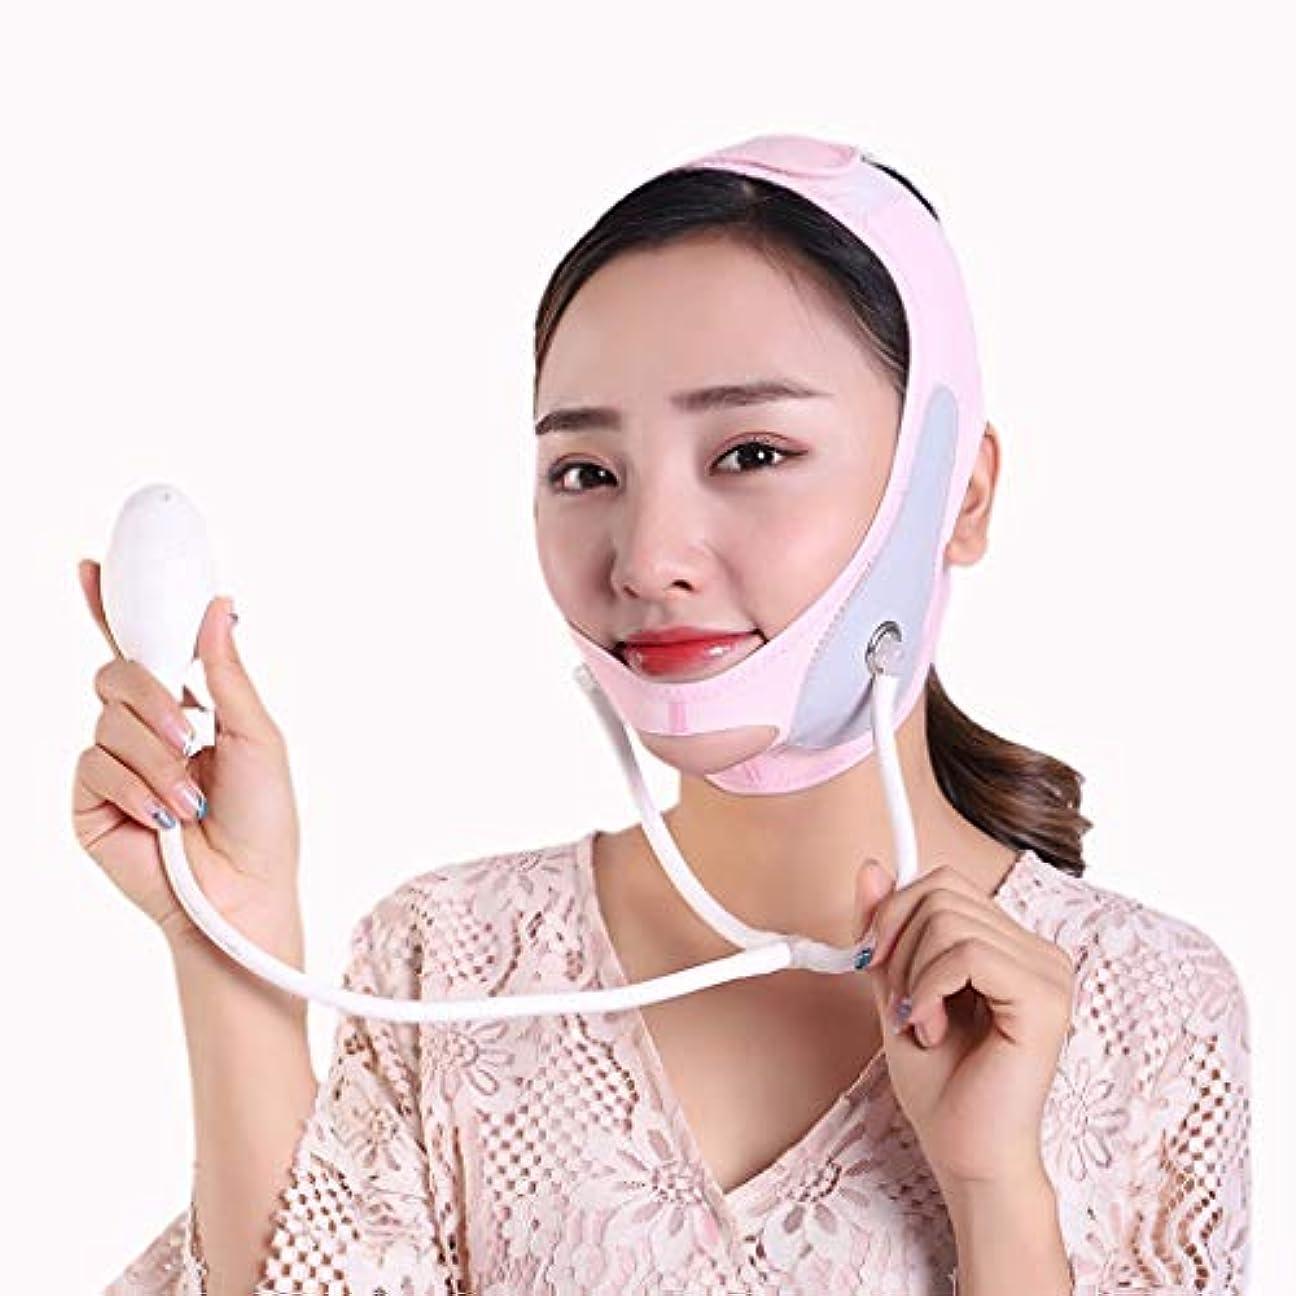 高音ヘア与えるXHLMRMJ インフレータブルフェイスリフティングマスク、リフティングと締め付け、フェイスリフティング包帯、二重あごと薄いフェイスバンド (Size : M)